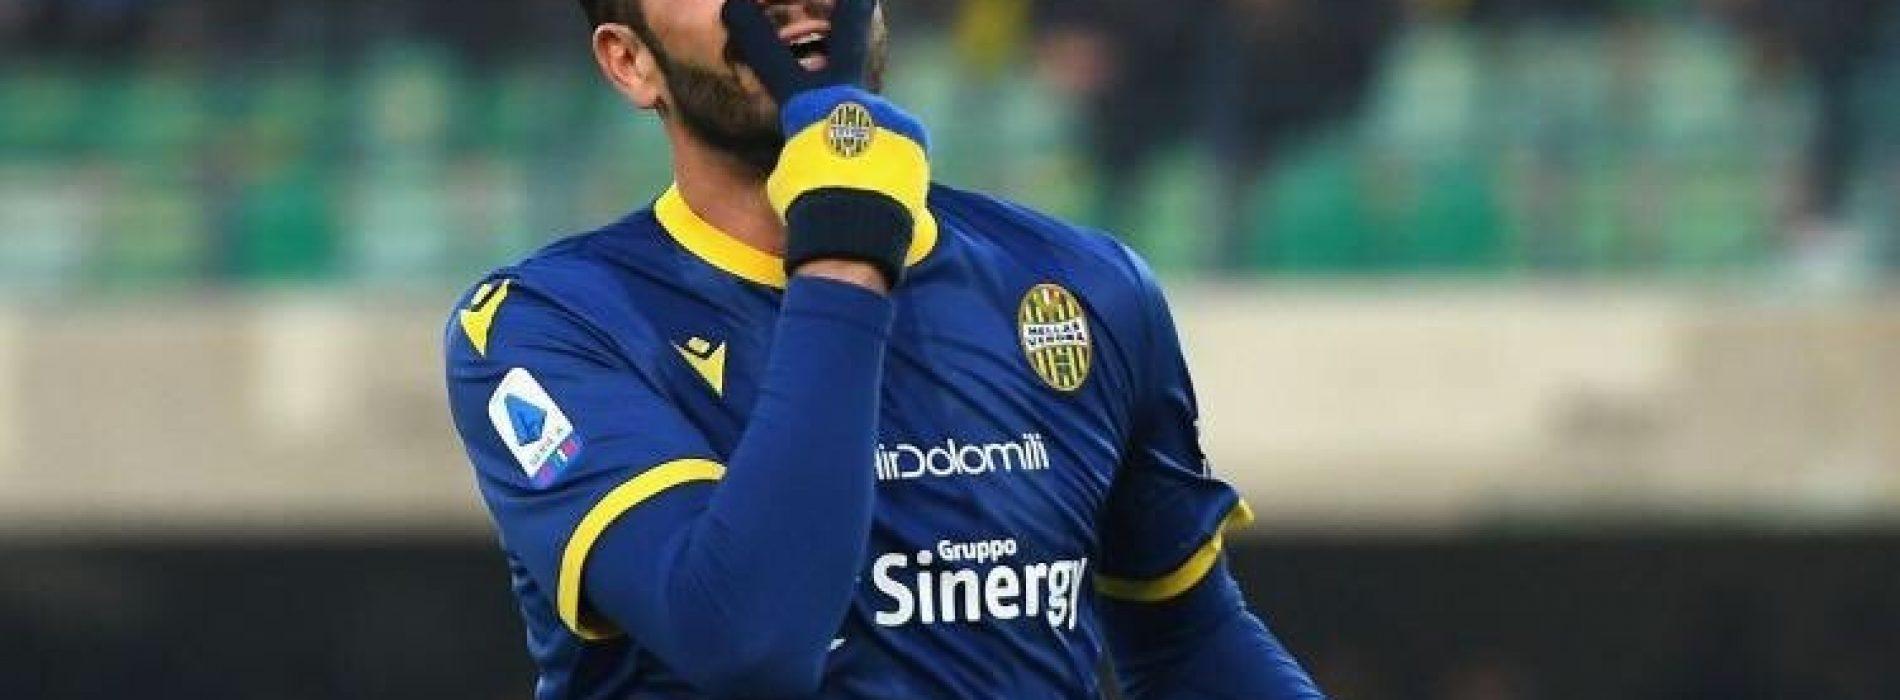 """Verona, Pazzini: """"Mi sono reso conto che è finita, questa molto più di una squadra"""""""